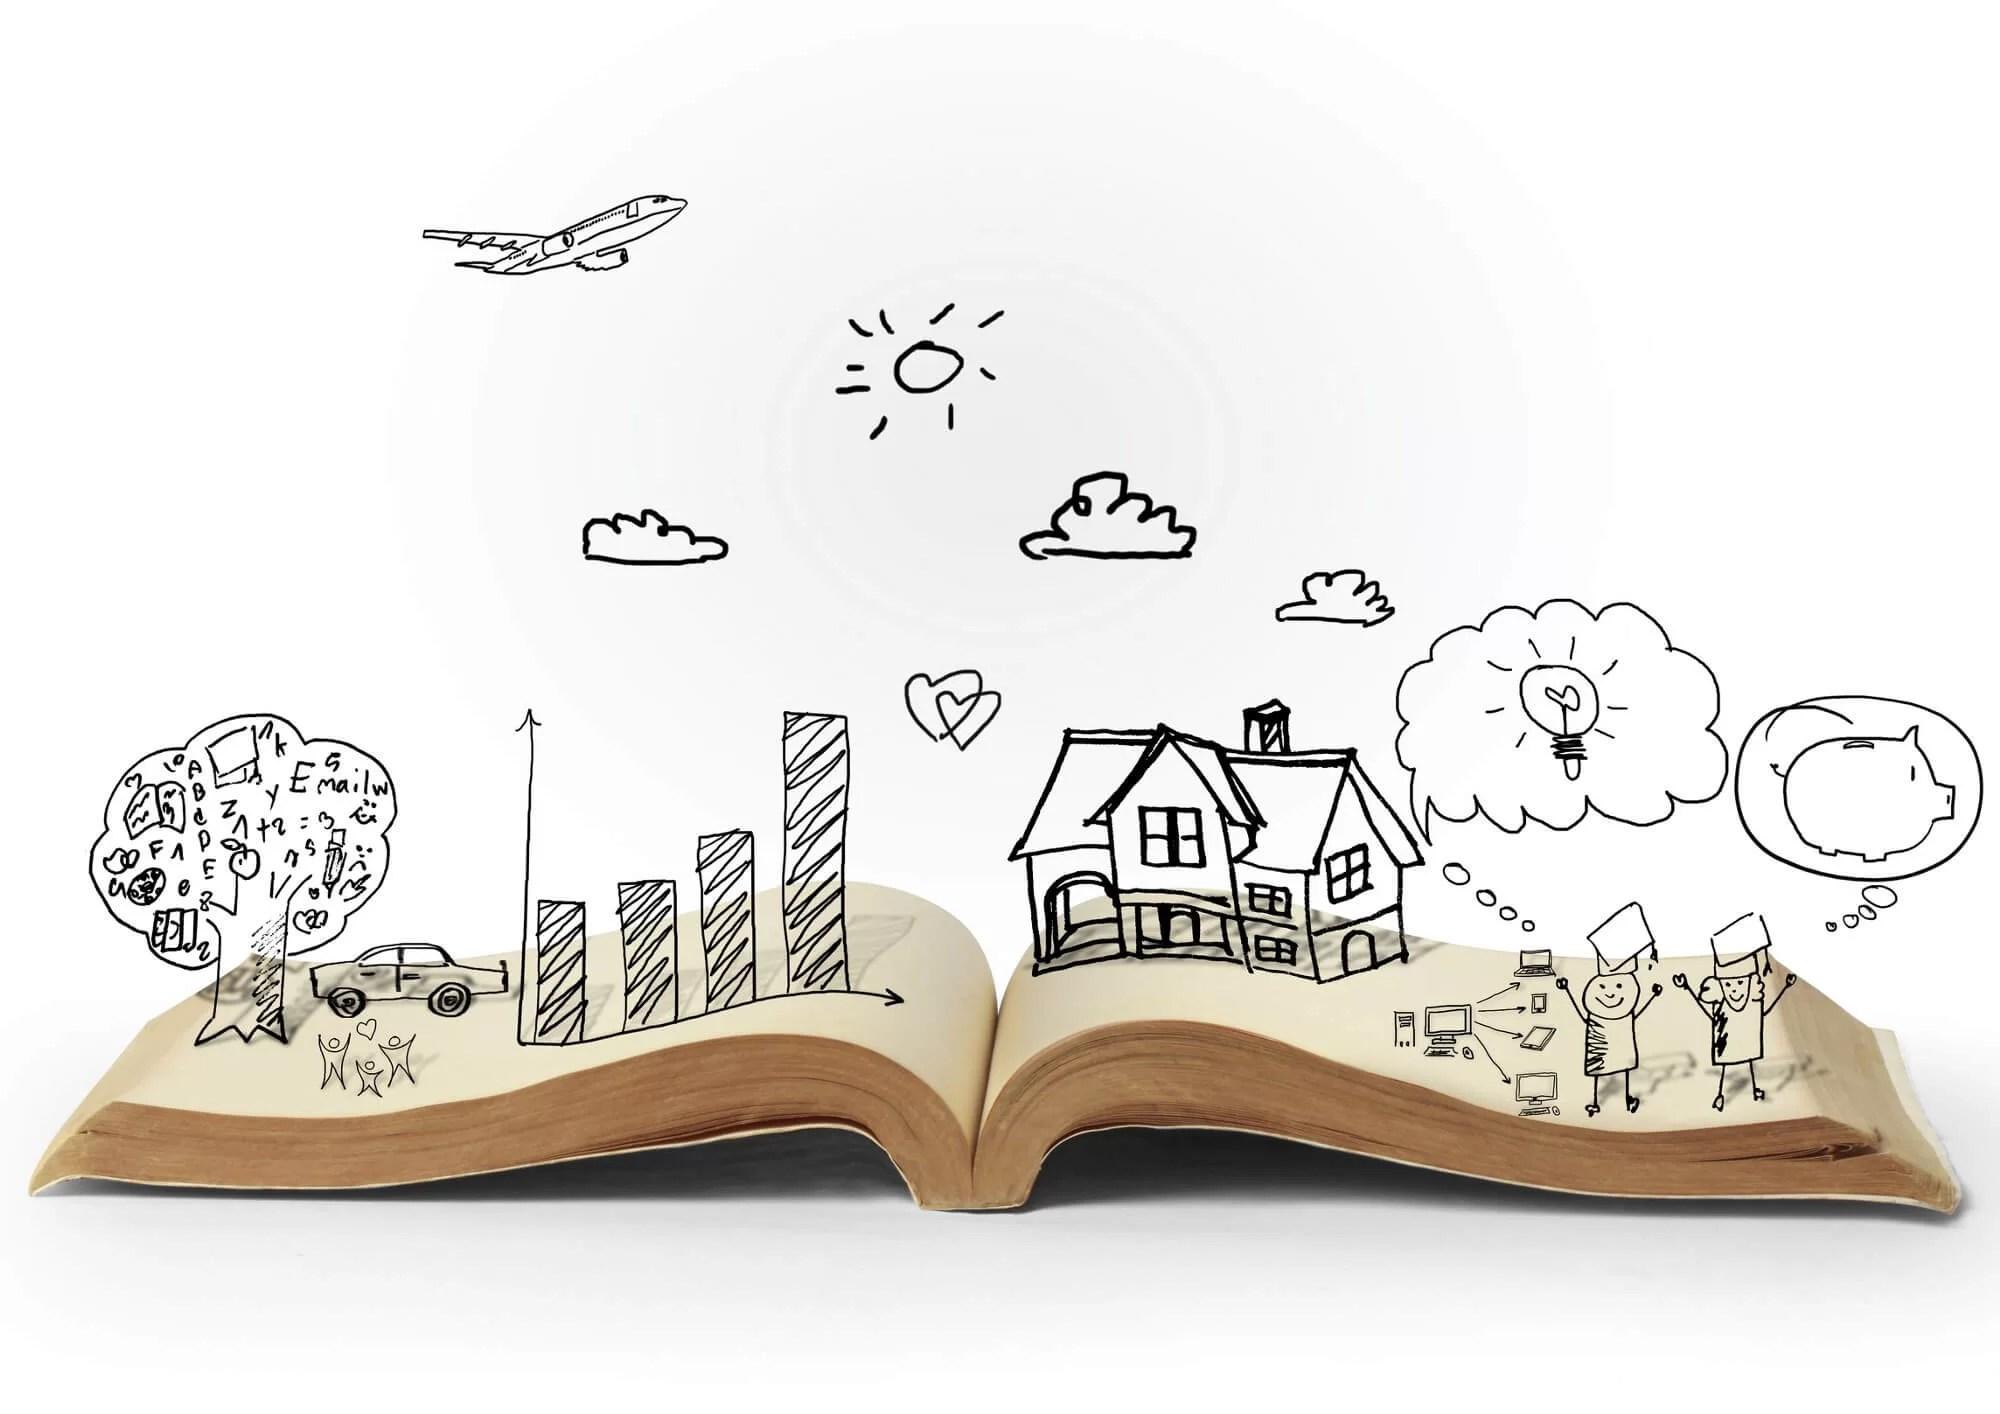 Kumpulan Contoh Cerita Pendek Cerpen Terbaik Untuk Keluarga